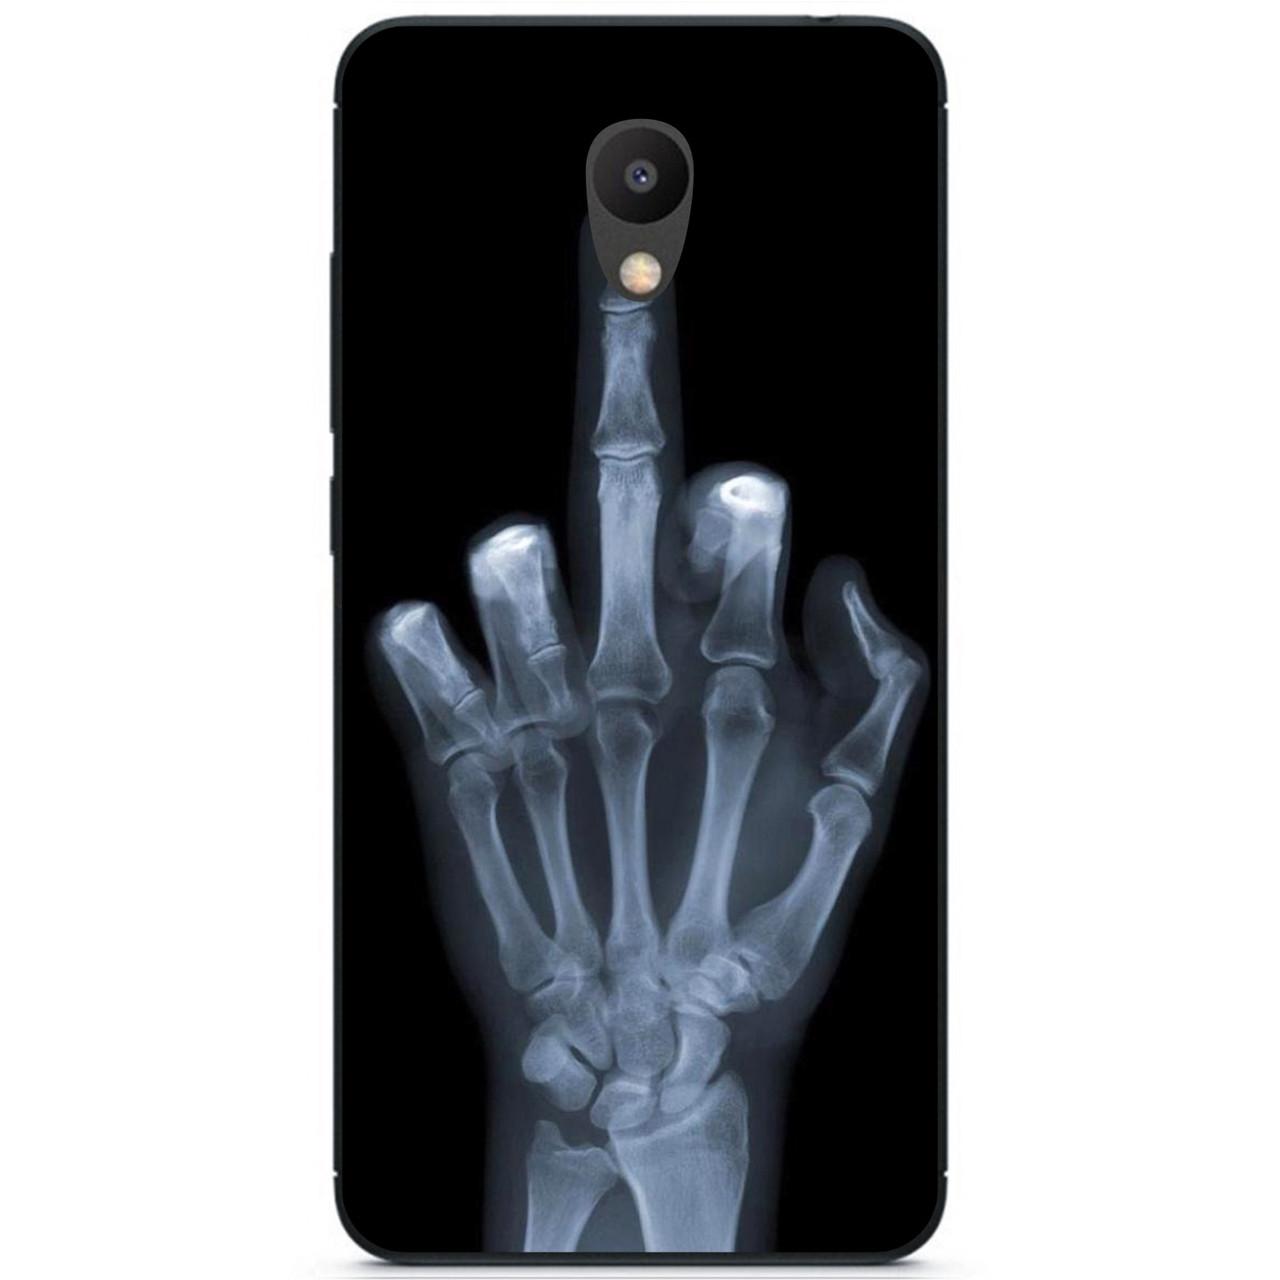 Силиконовый бампер чехол для Meizu M6s с рисунком Рентген